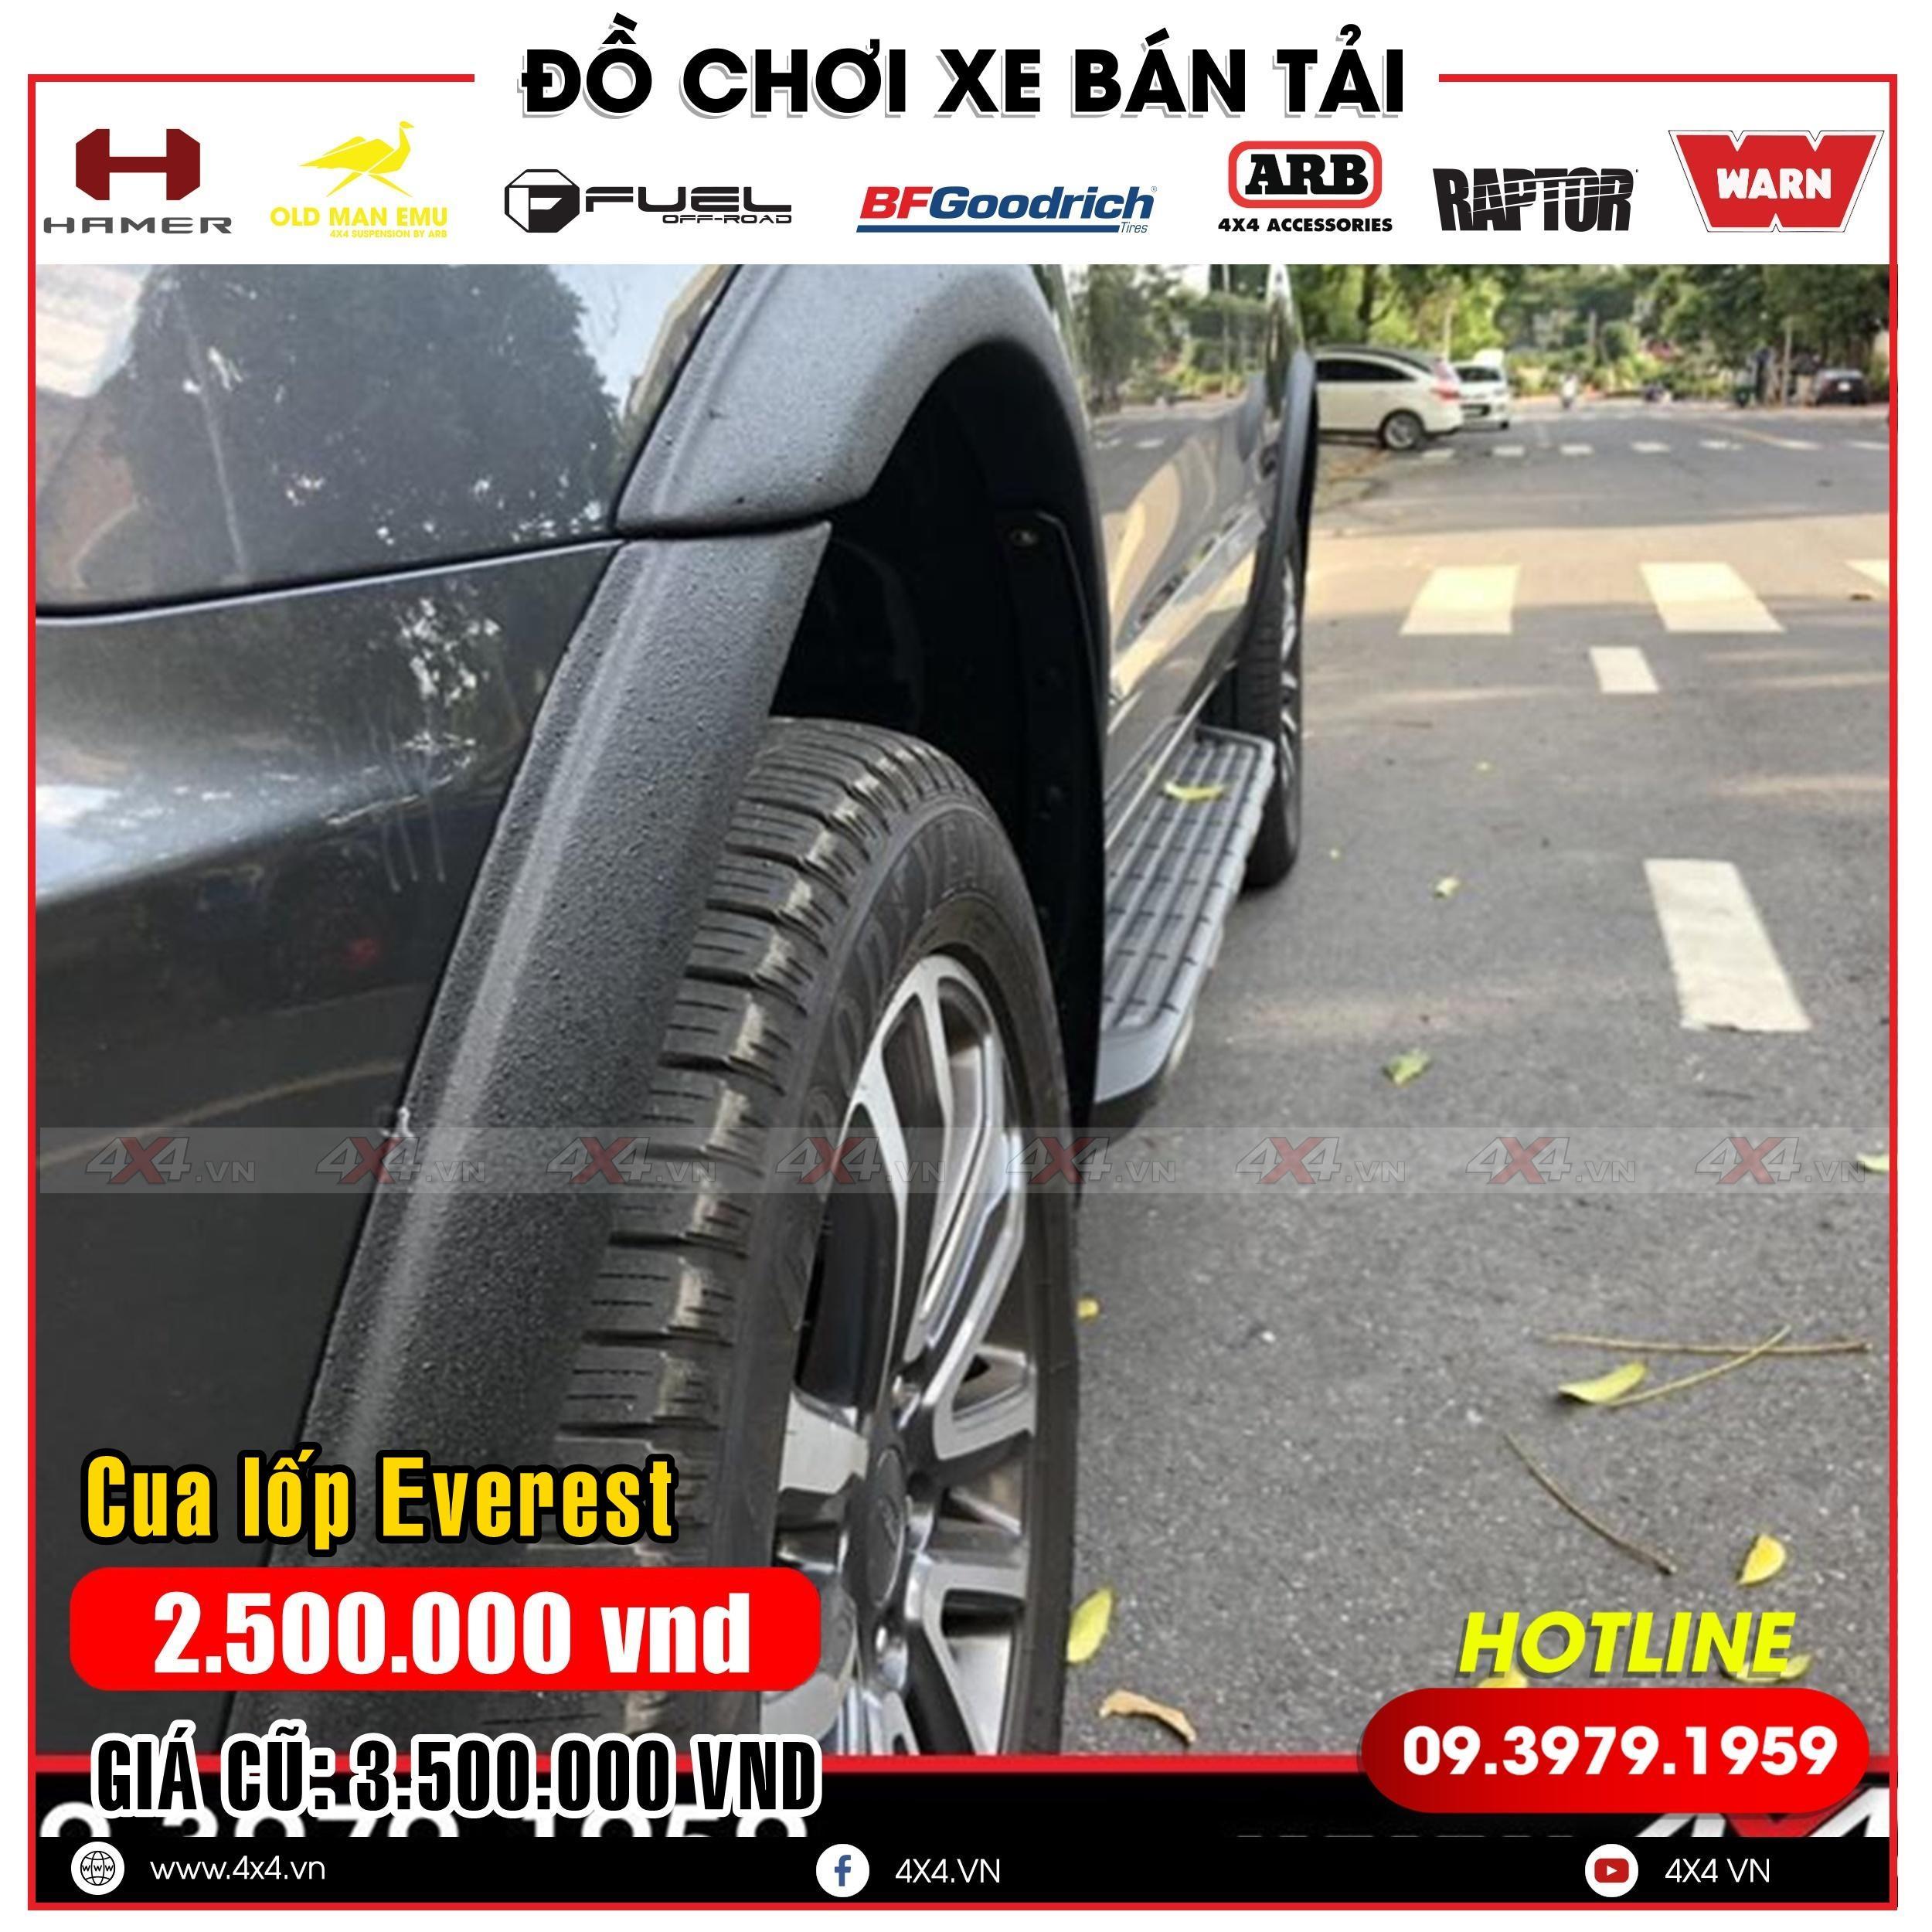 Viền cua lốp mỏng độ đẹp và cứng cáp cho xe Ford Everest